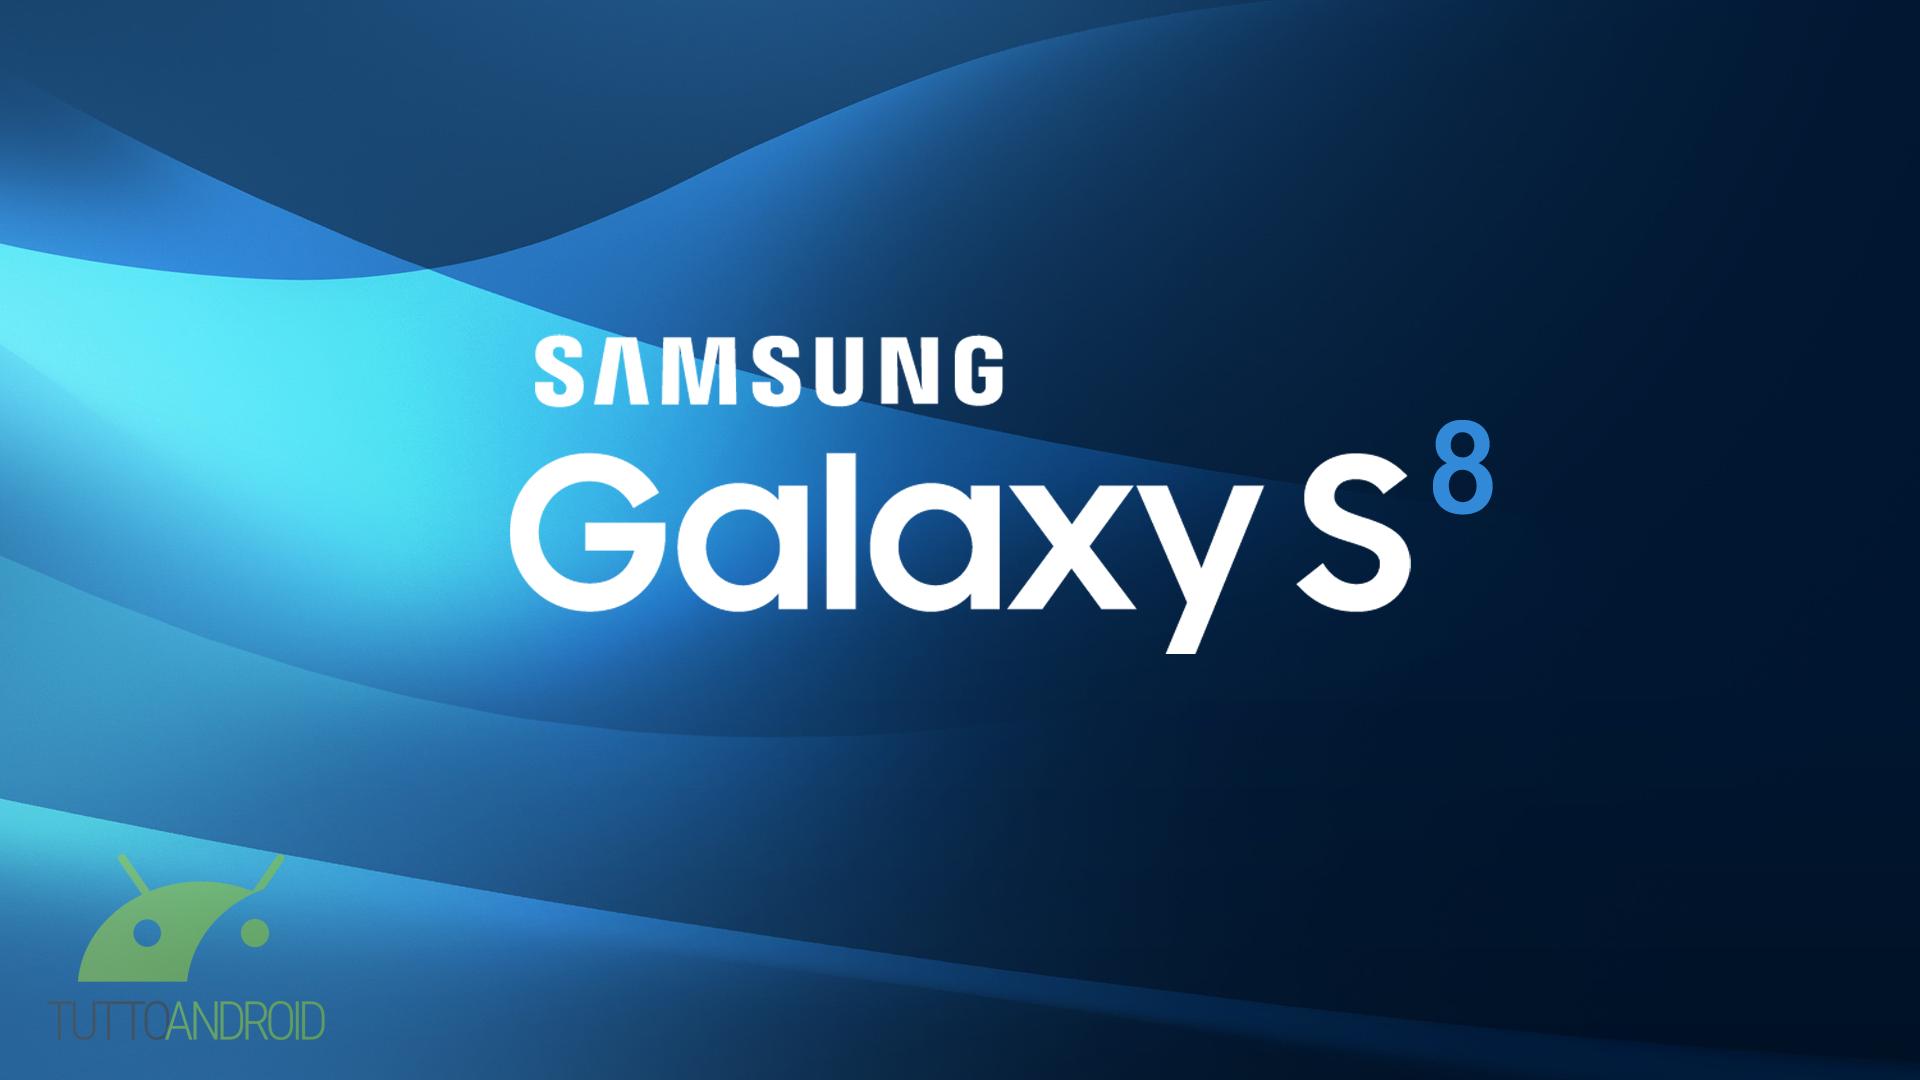 Samsung Galaxy S8 potrebbe tingersi di viola: ecco la colorazione dal vivo